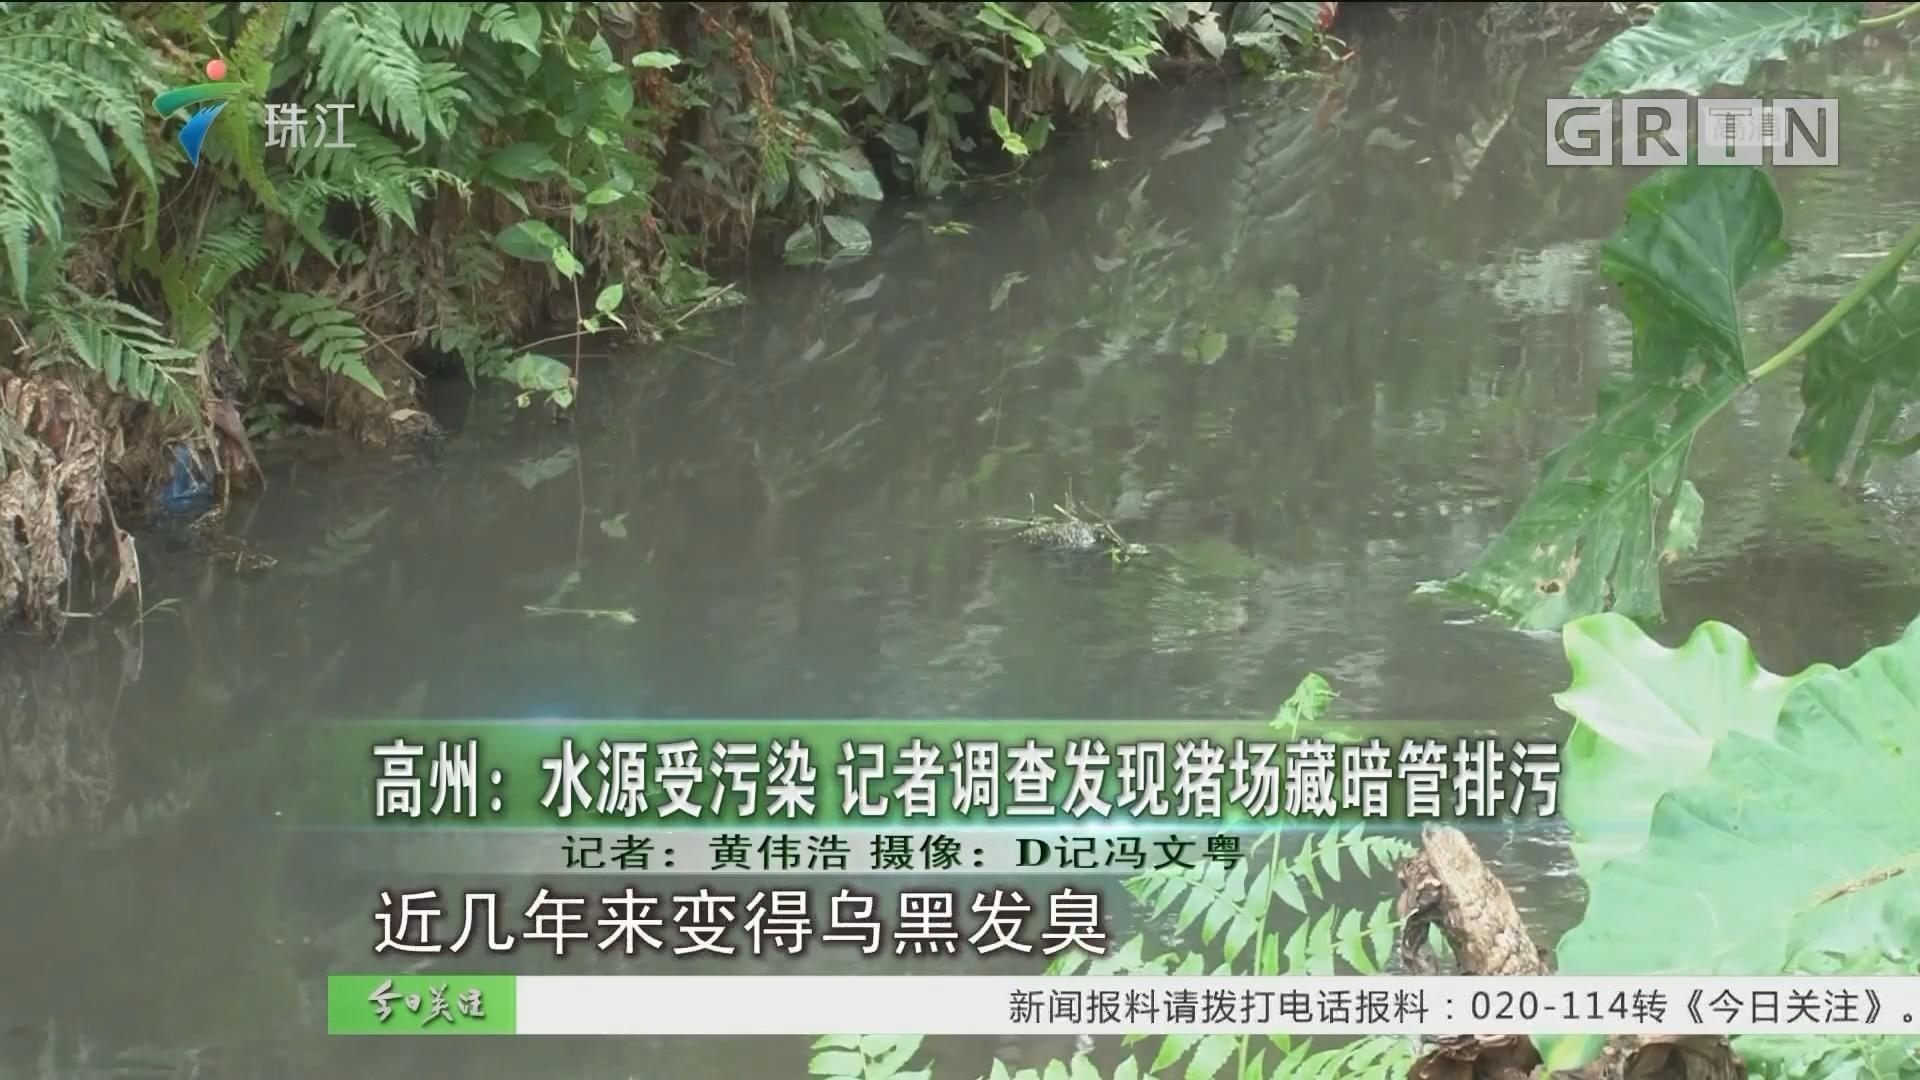 高州:水源受污染 记者调查发现猪场藏暗管排污